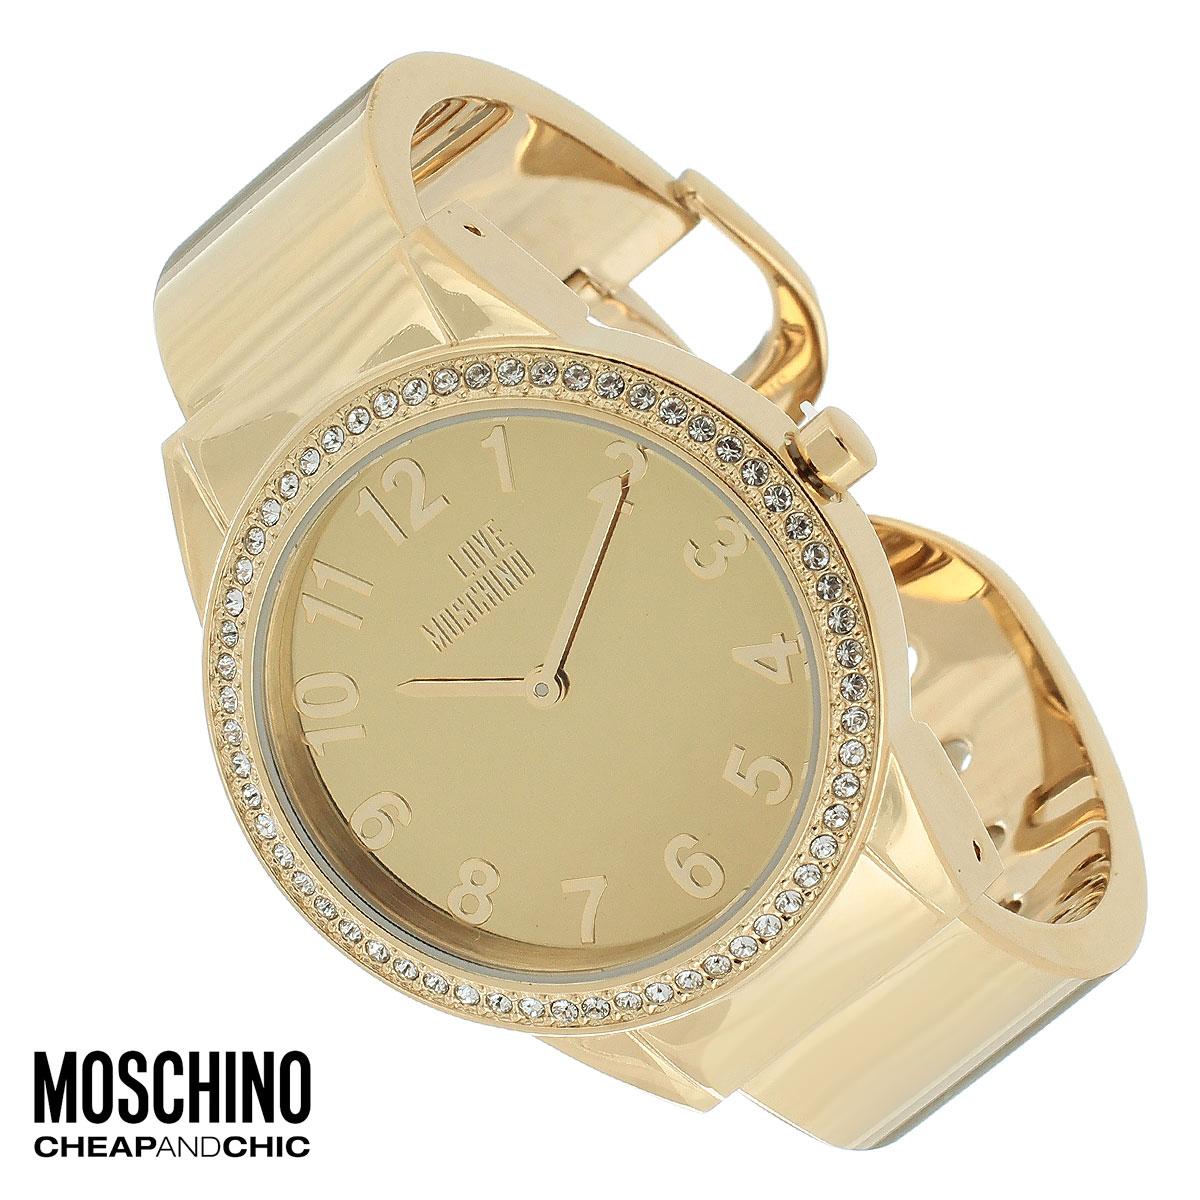 Часы женские наручные Moschino, цвет: золотой. MW0441MW0441Наручные часы от известного итальянского бренда Moschino - это не только стильный и функциональный аксессуар, но и современные технологи, сочетающиеся с экстравагантным дизайном и индивидуальностью. Часы Moschino оснащены кварцевым механизмом. Корпус выполнен из высококачественной нержавеющей стали с PVD-покрытием и по контуру циферблата оформлен стразами. Циферблат оформлен арабскими цифрами, надписью Love Moschino и защищен минеральным стеклом. Часы имеют две стрелки - часовую и минутную. Браслет часов выполнен из нержавеющей стали и имеет разъемную конструкцию. Часы упакованы в фирменную металлическую коробку с логотипом бренда. Часы Moschino благодаря своему уникальному дизайну отличаются от часов других марок своеобразными циферблатами, функциональностью, а также набором уникальных технических свойств. Каждой модели присуща легкая экстравагантность, самобытность и, безусловно, великолепный вкус. Характеристики: Диаметр...